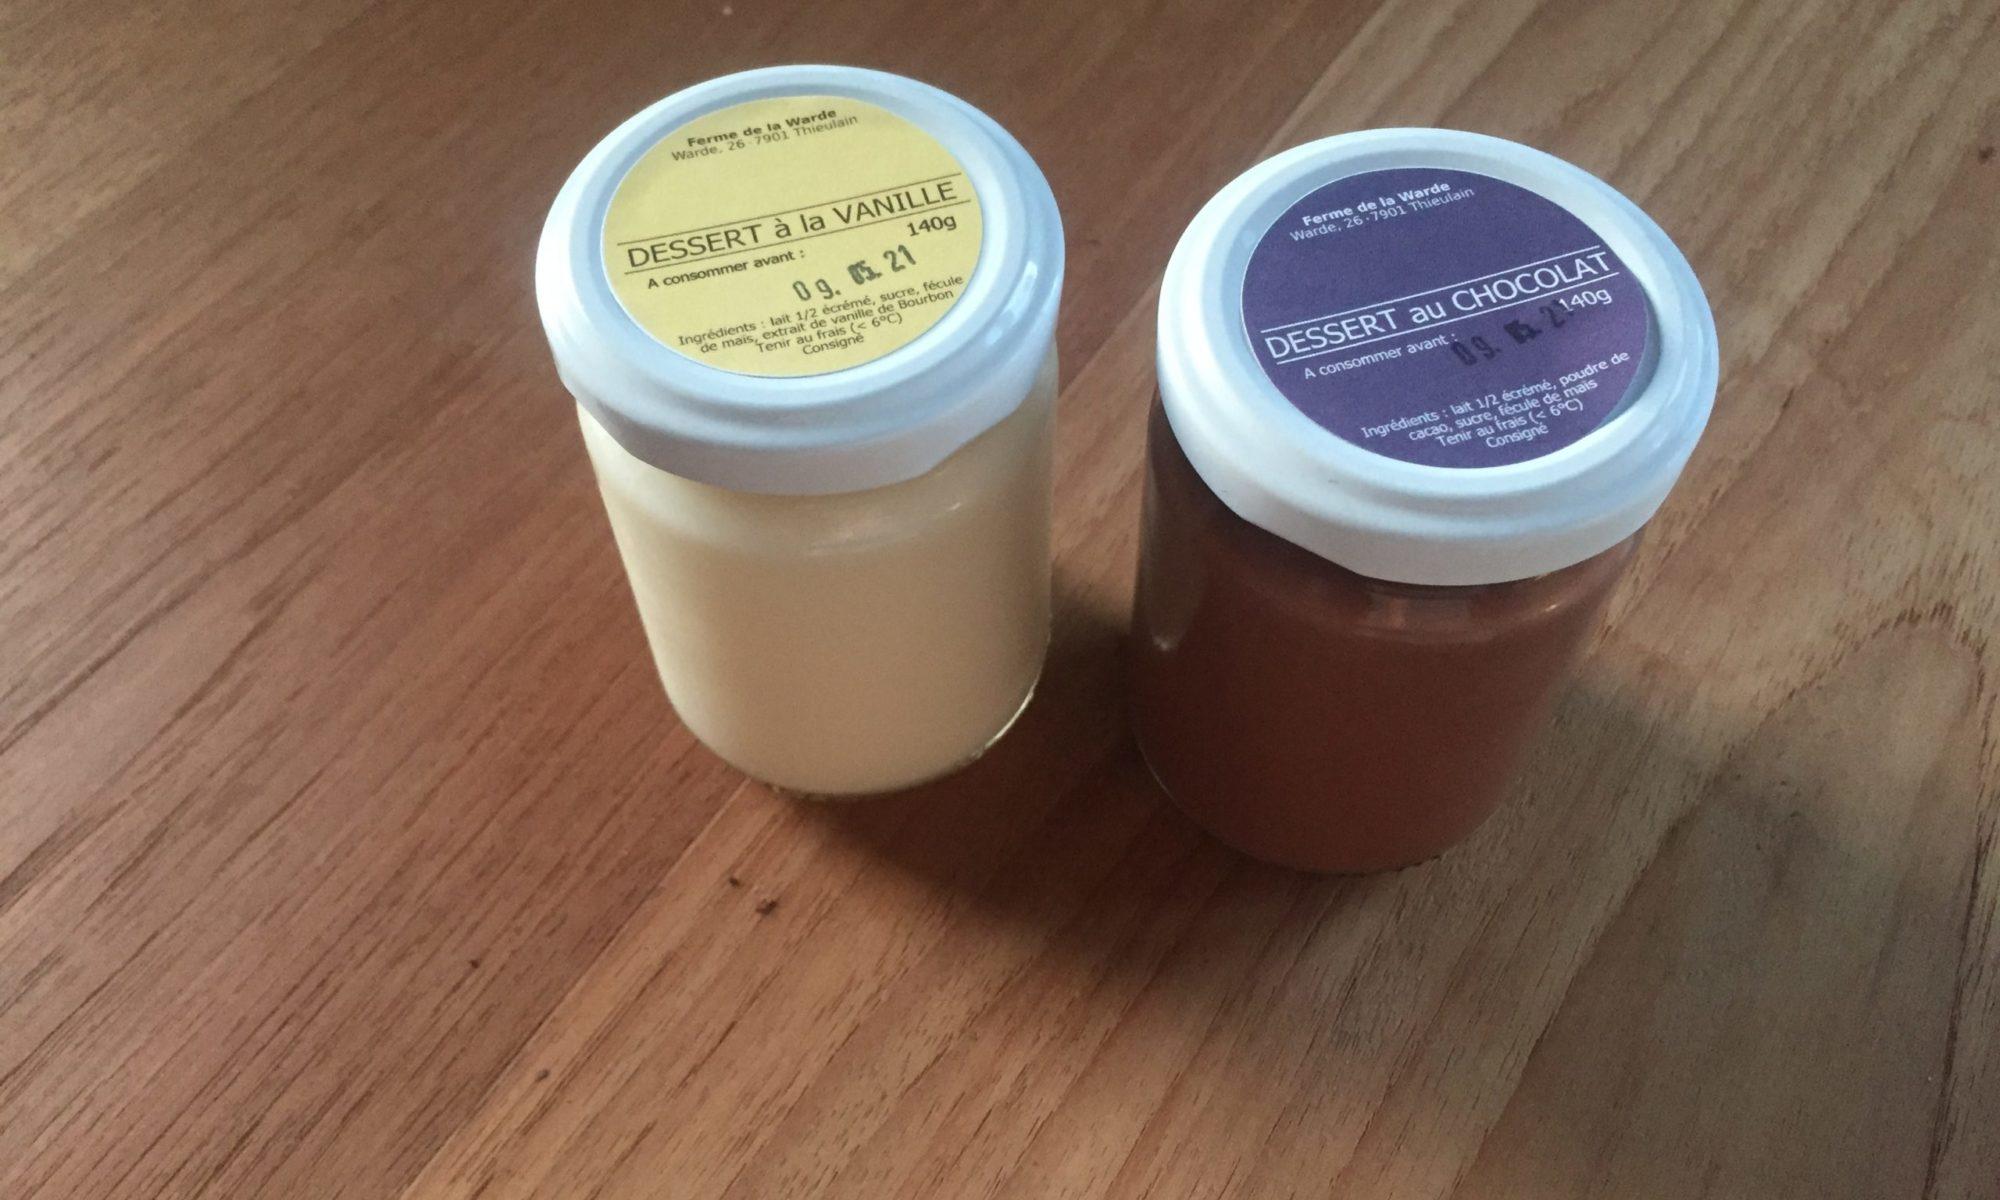 Deux pots de crèmes dessert, l'un à la vanille, l'autre au chocolat